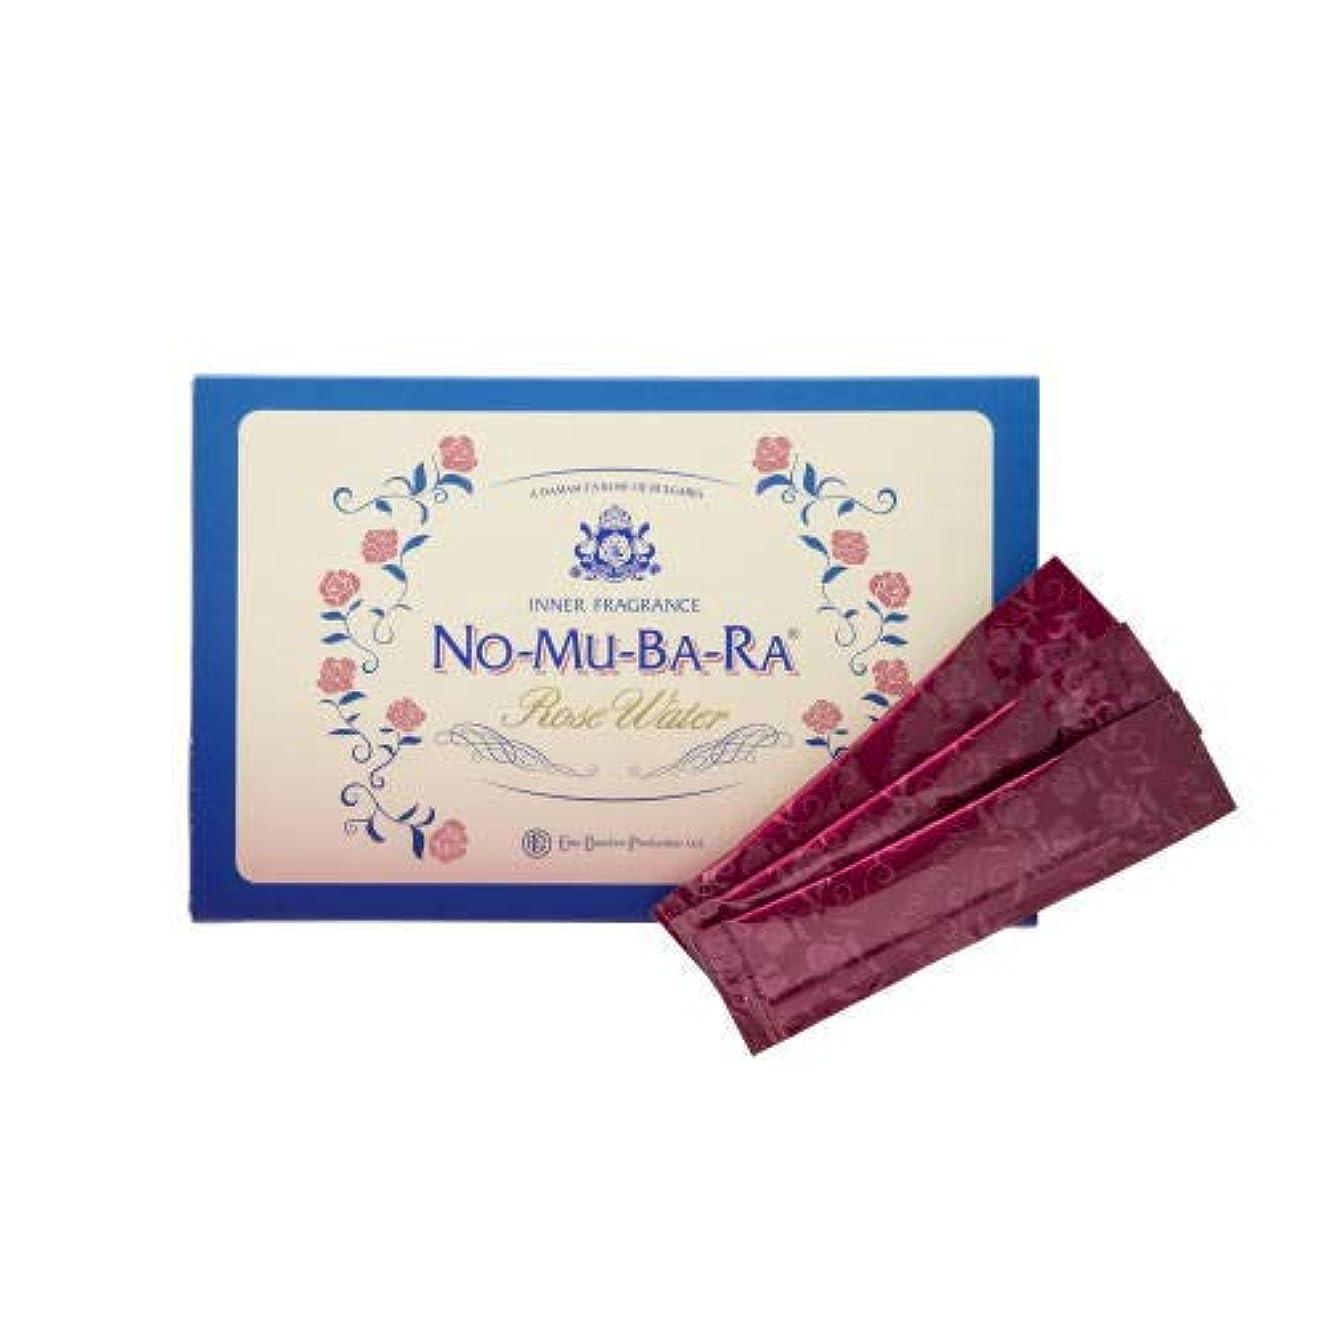 狭い机前奏曲NO-MU-BA-RA NO-MU-BA-RA(ノムバラ)(35包入)×2箱【モンドセレクション受賞】